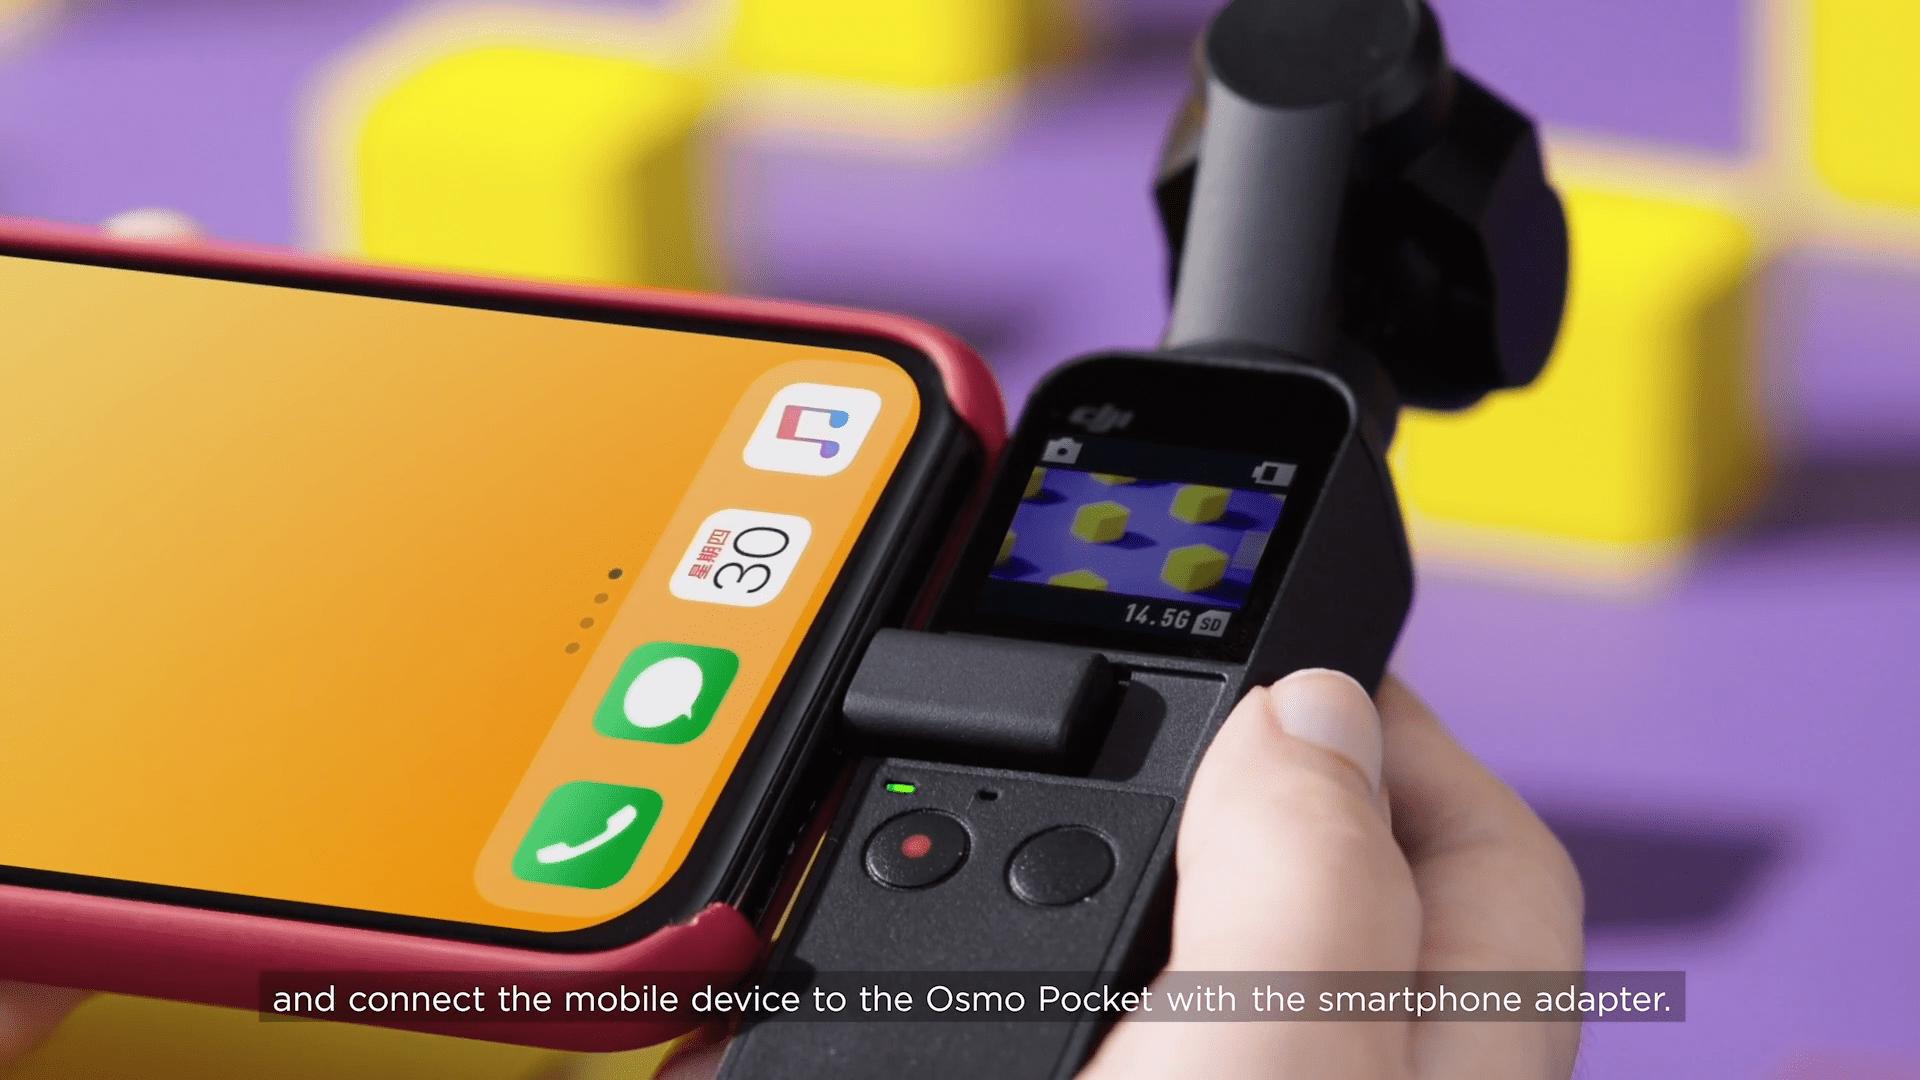 Aggiornamento firmware Dji Osmo Pocket